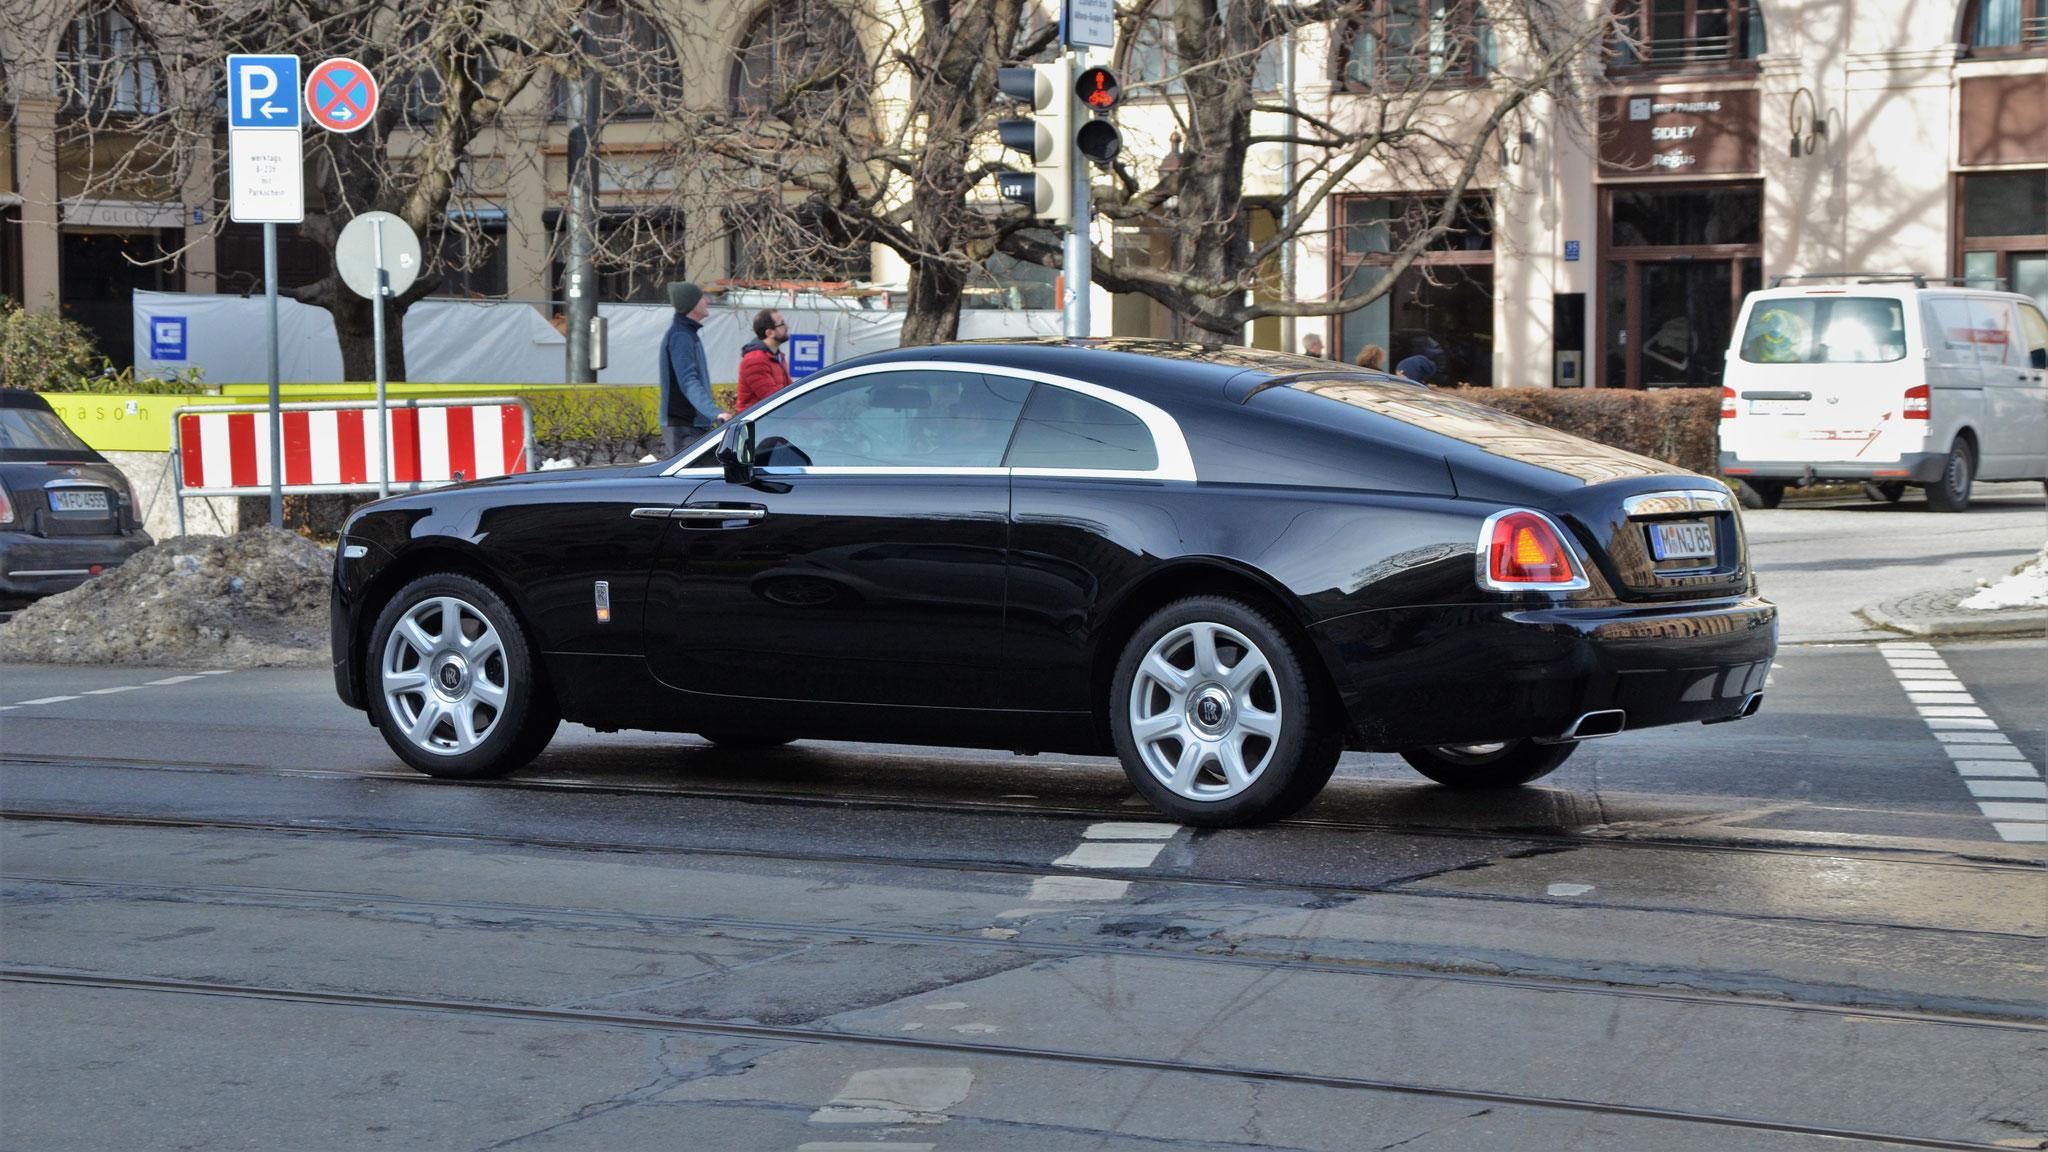 Rolls Royce Wraith - M-NJ-85